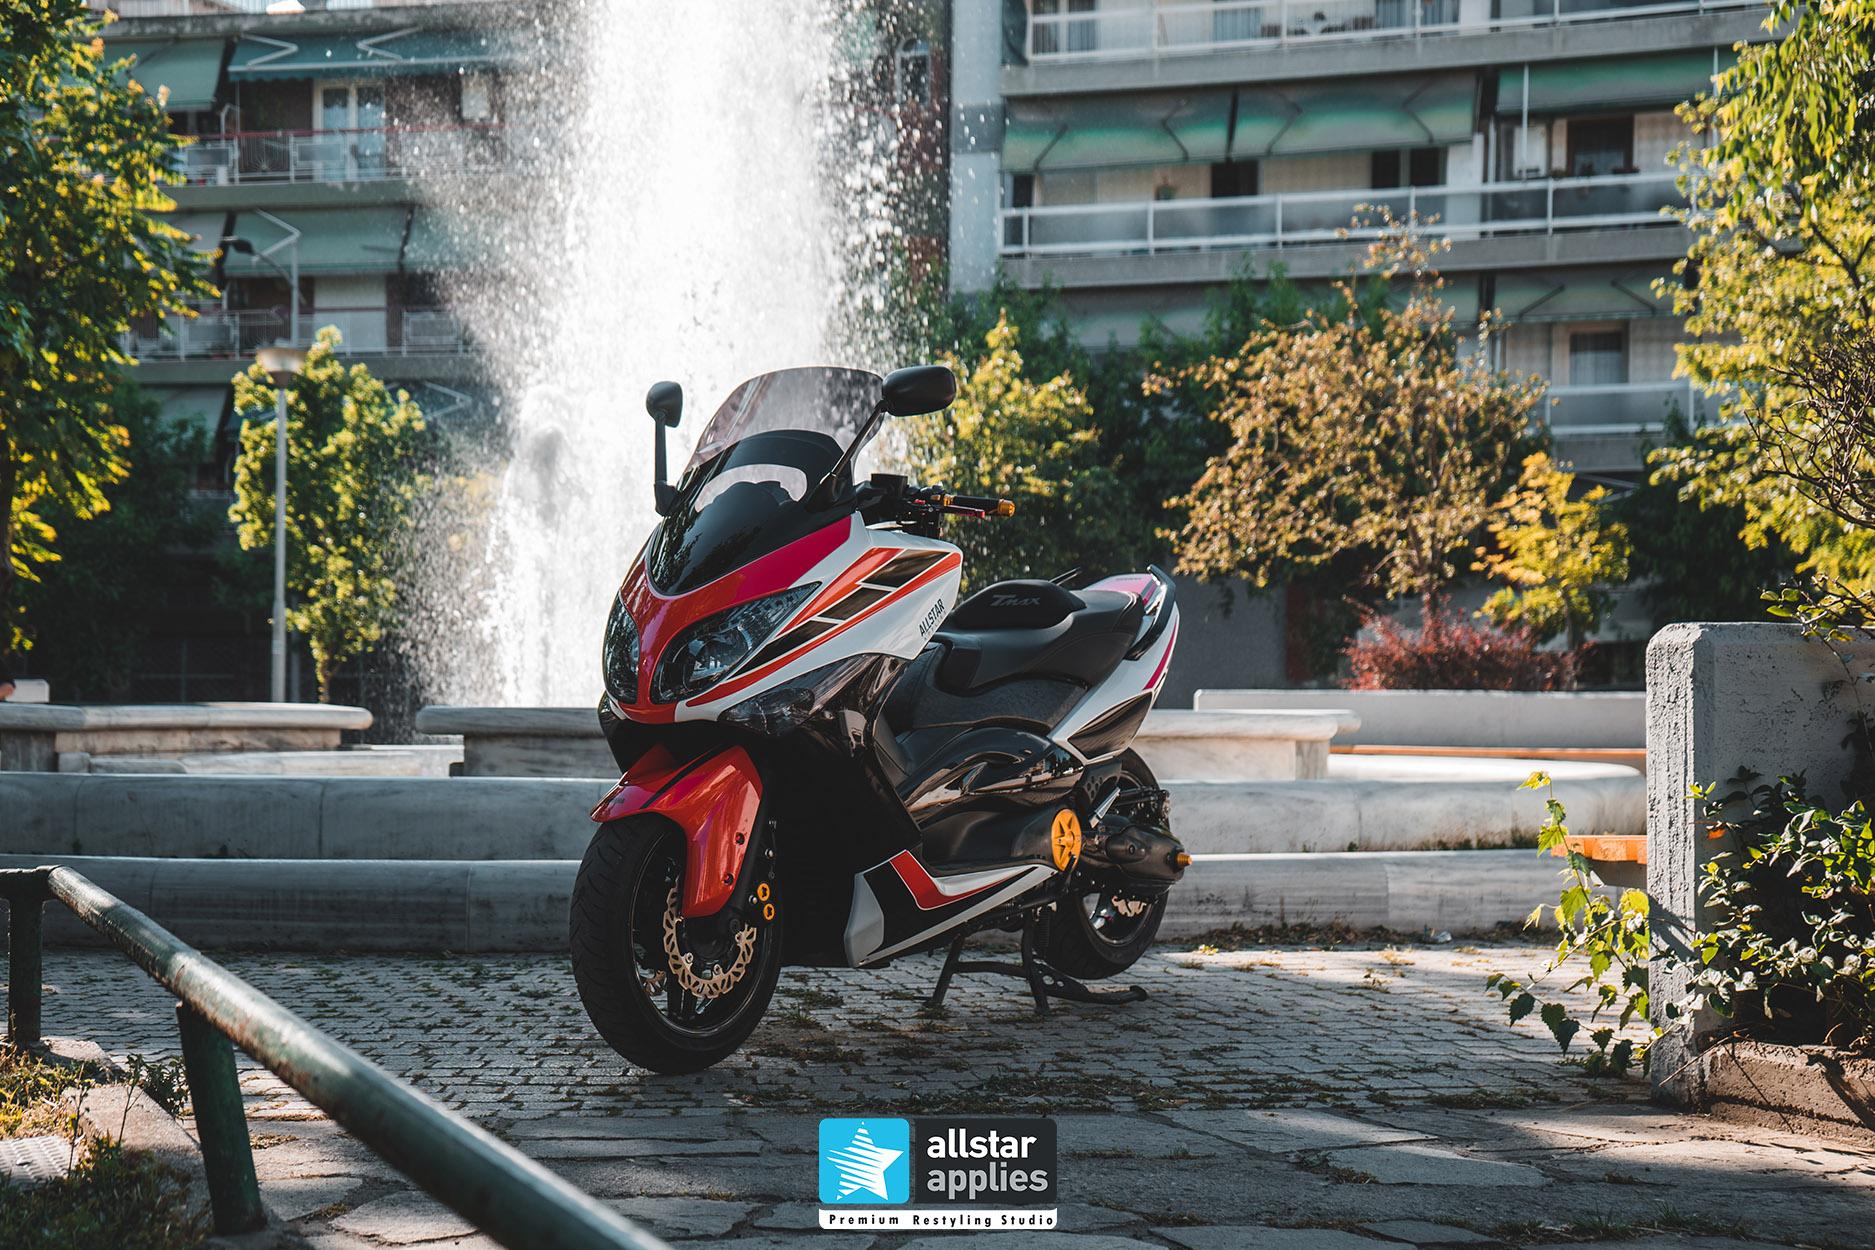 TMAX 500 ALLSTAR APPLIES 19